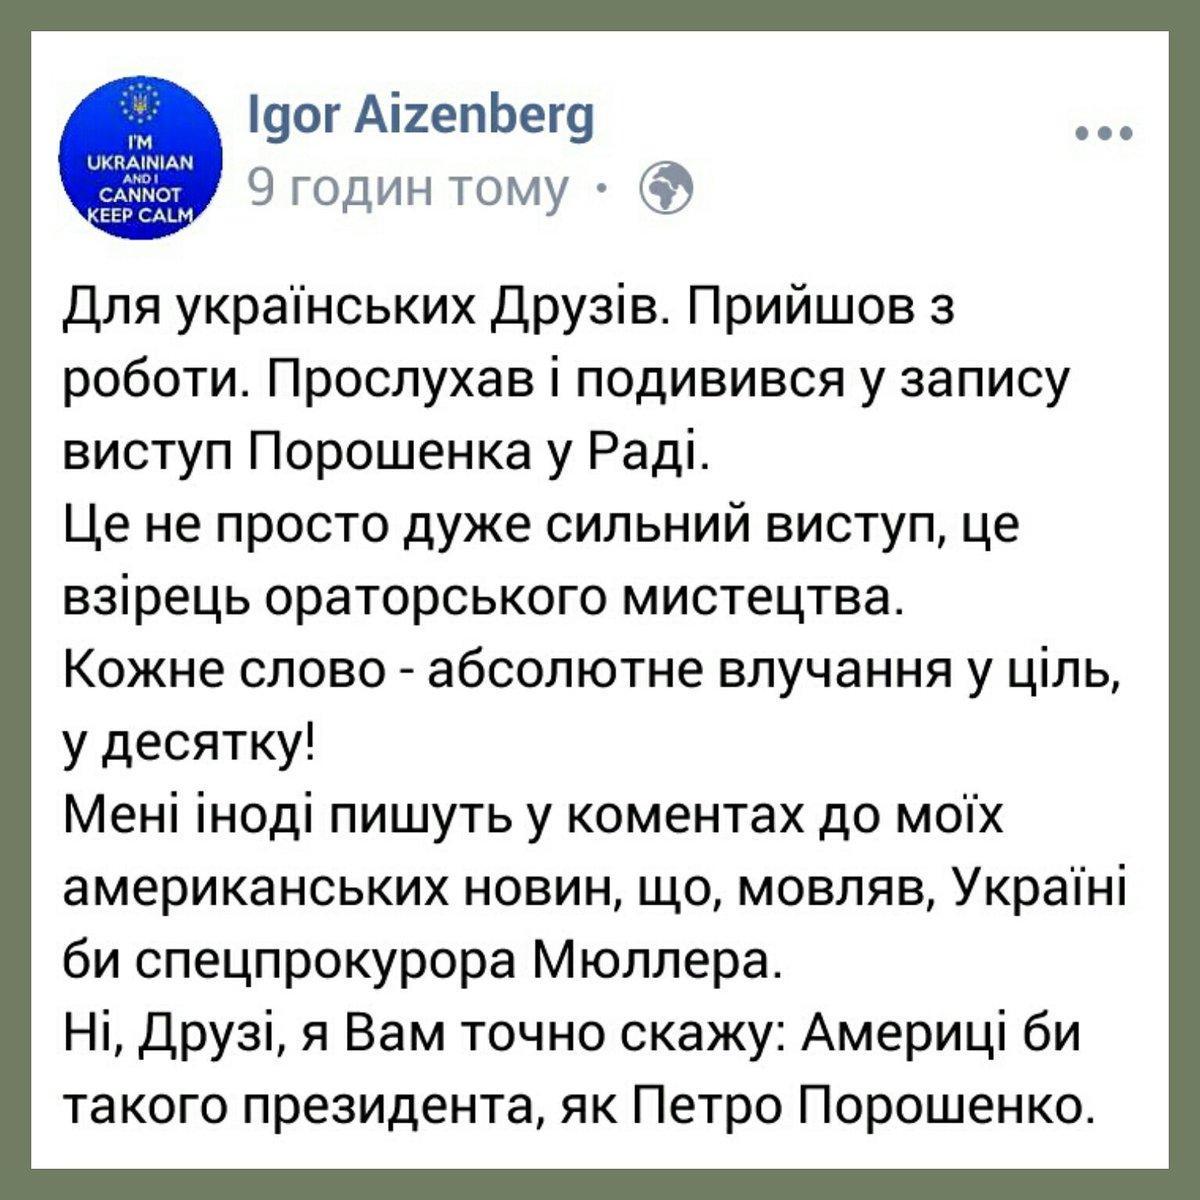 Санкції проти Росії дуже дієві: без них Путін не переймався б Нормандським процесом, - Порошенко - Цензор.НЕТ 9507